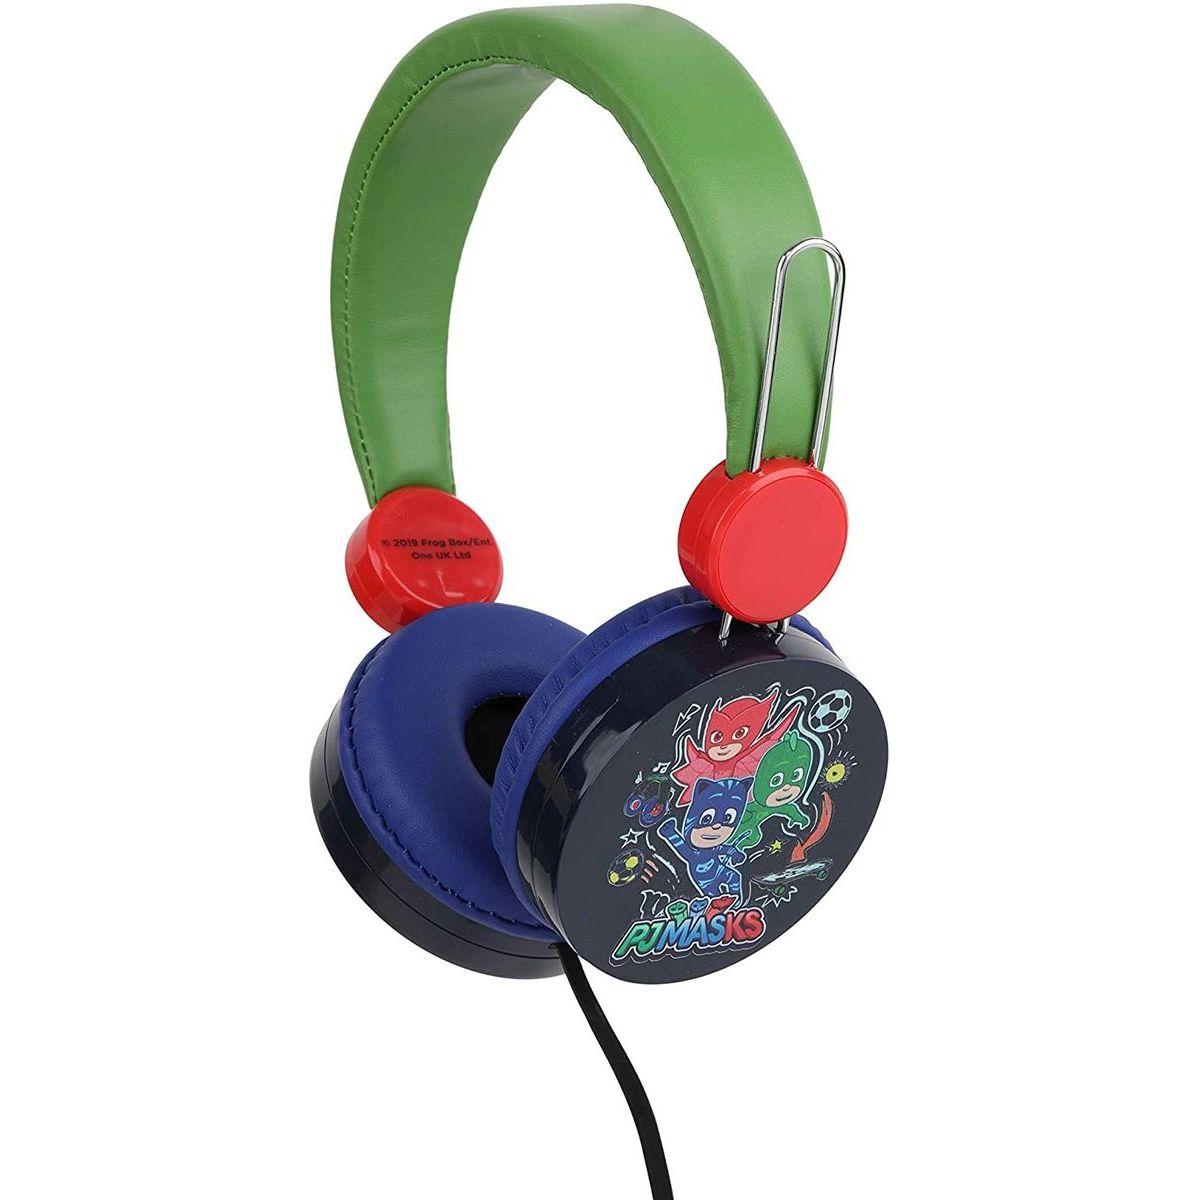 audifonos pj masks 2 1 1